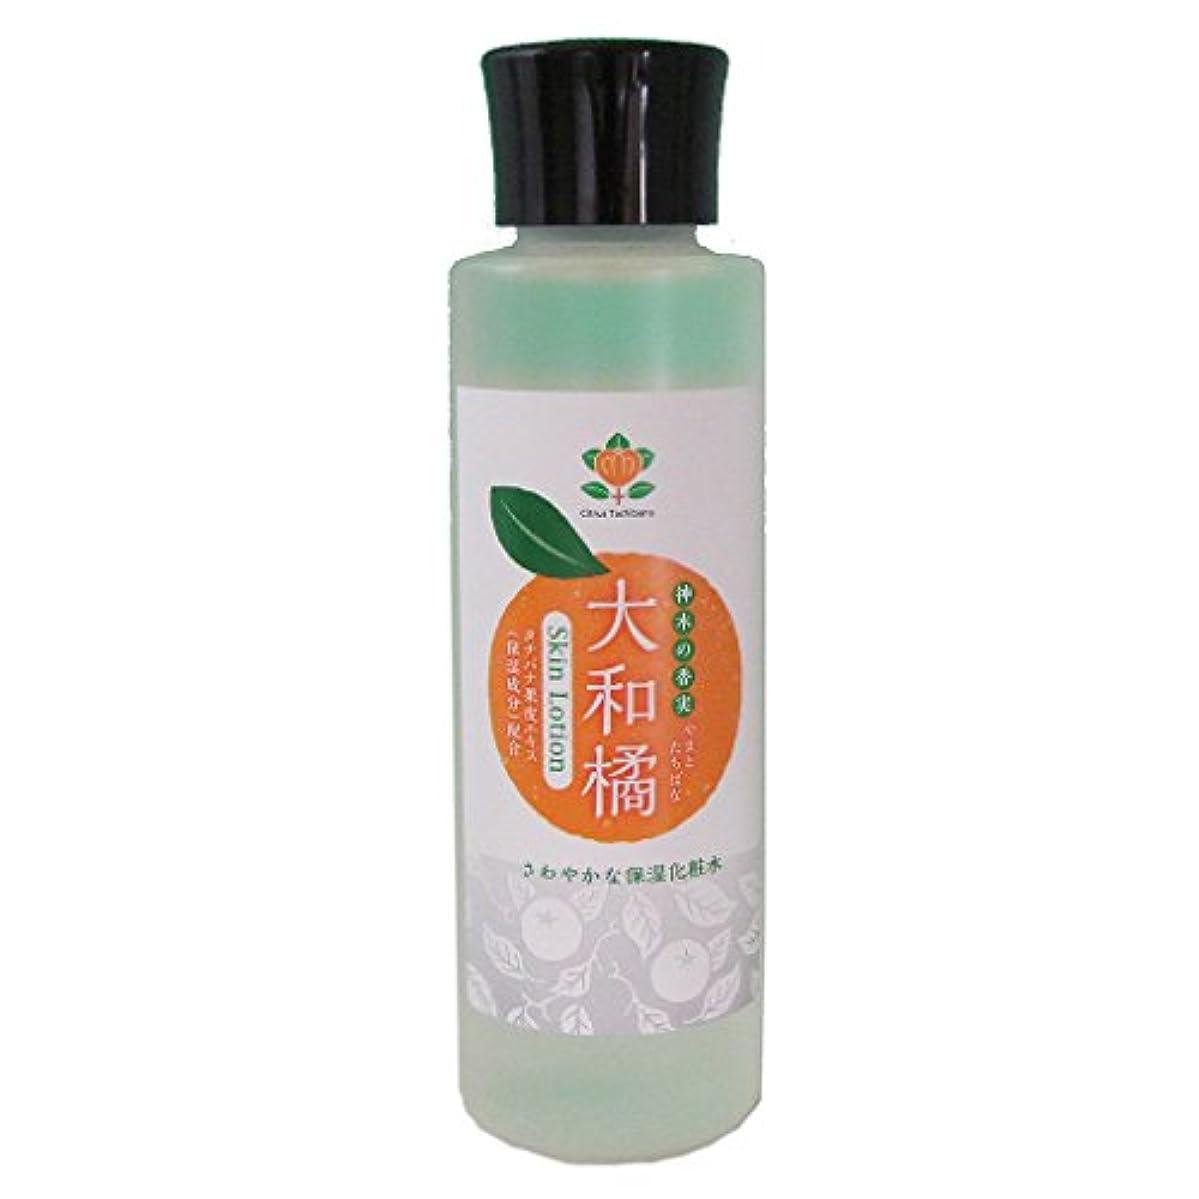 抑止するオール細い神木の果実 大和橘さわやか保湿化粧水 150ml